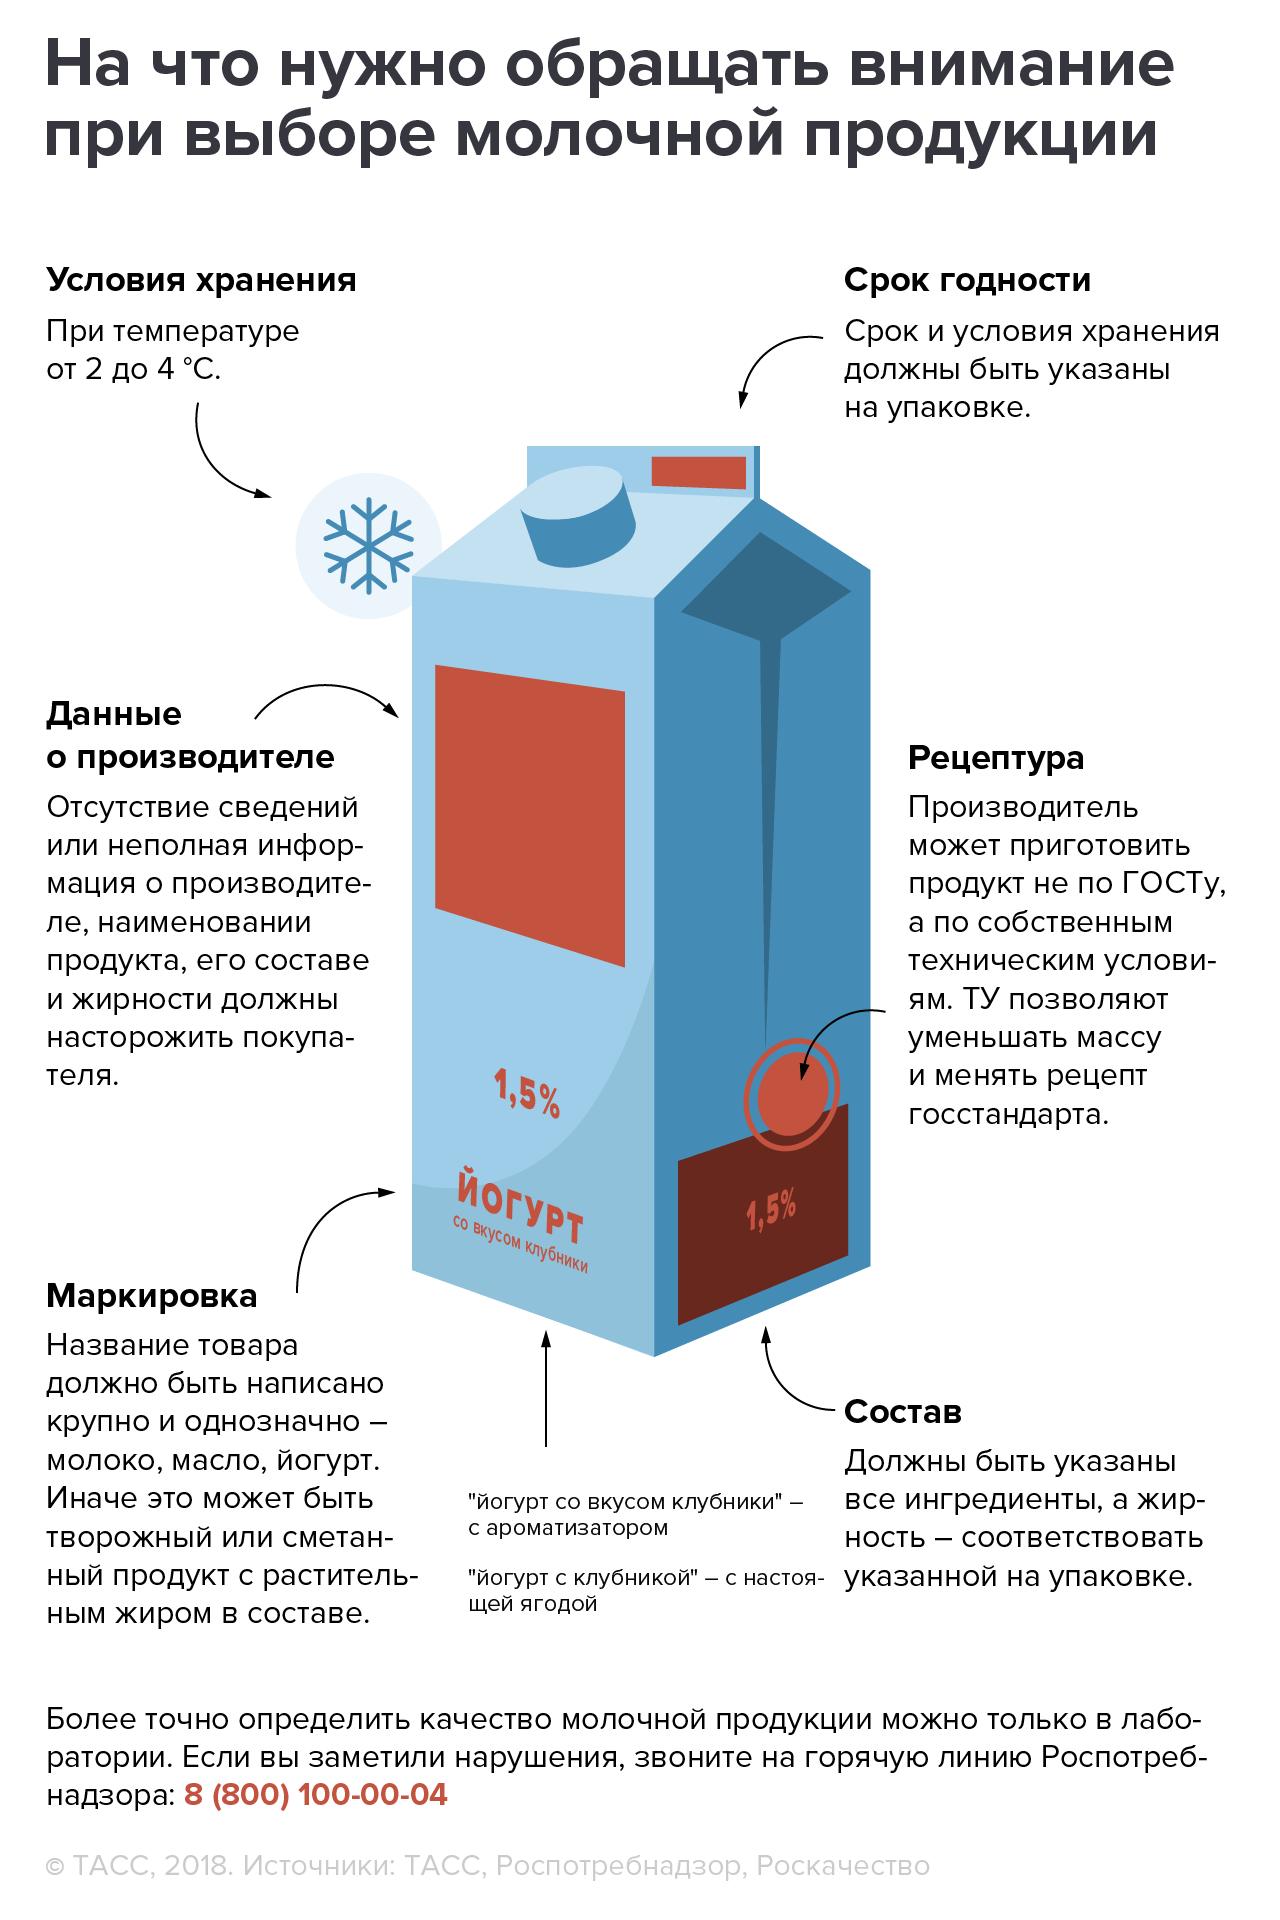 Как купить качественные молочные продукты